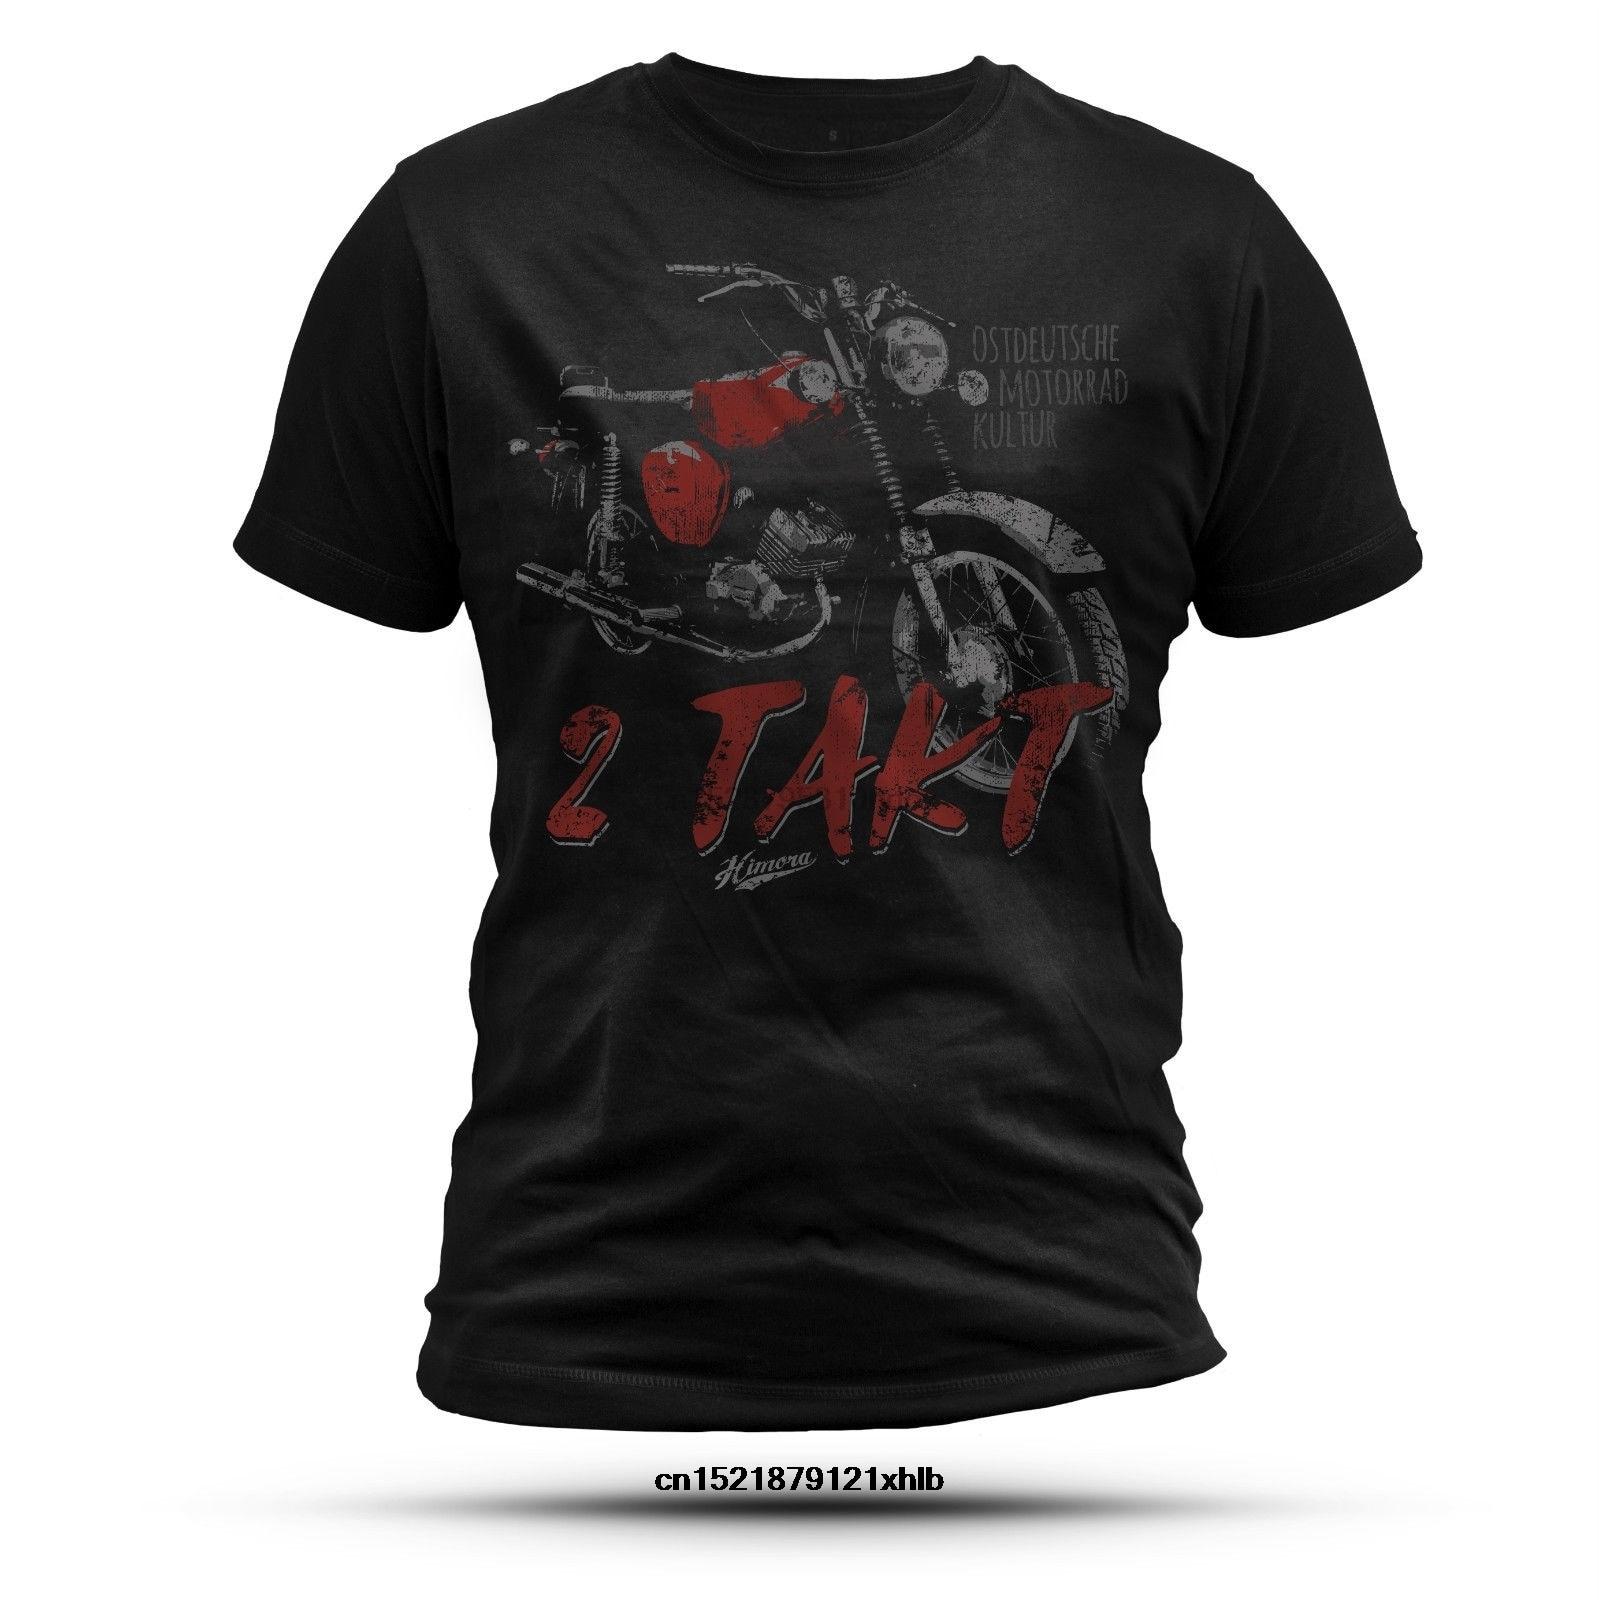 Мужская футболка 2 Takt S51 Ostdeutsche Motorrad Kultur графическая футболка Топы Simson 2 тактный Ddr мопед Simme Akf Suhl Motor